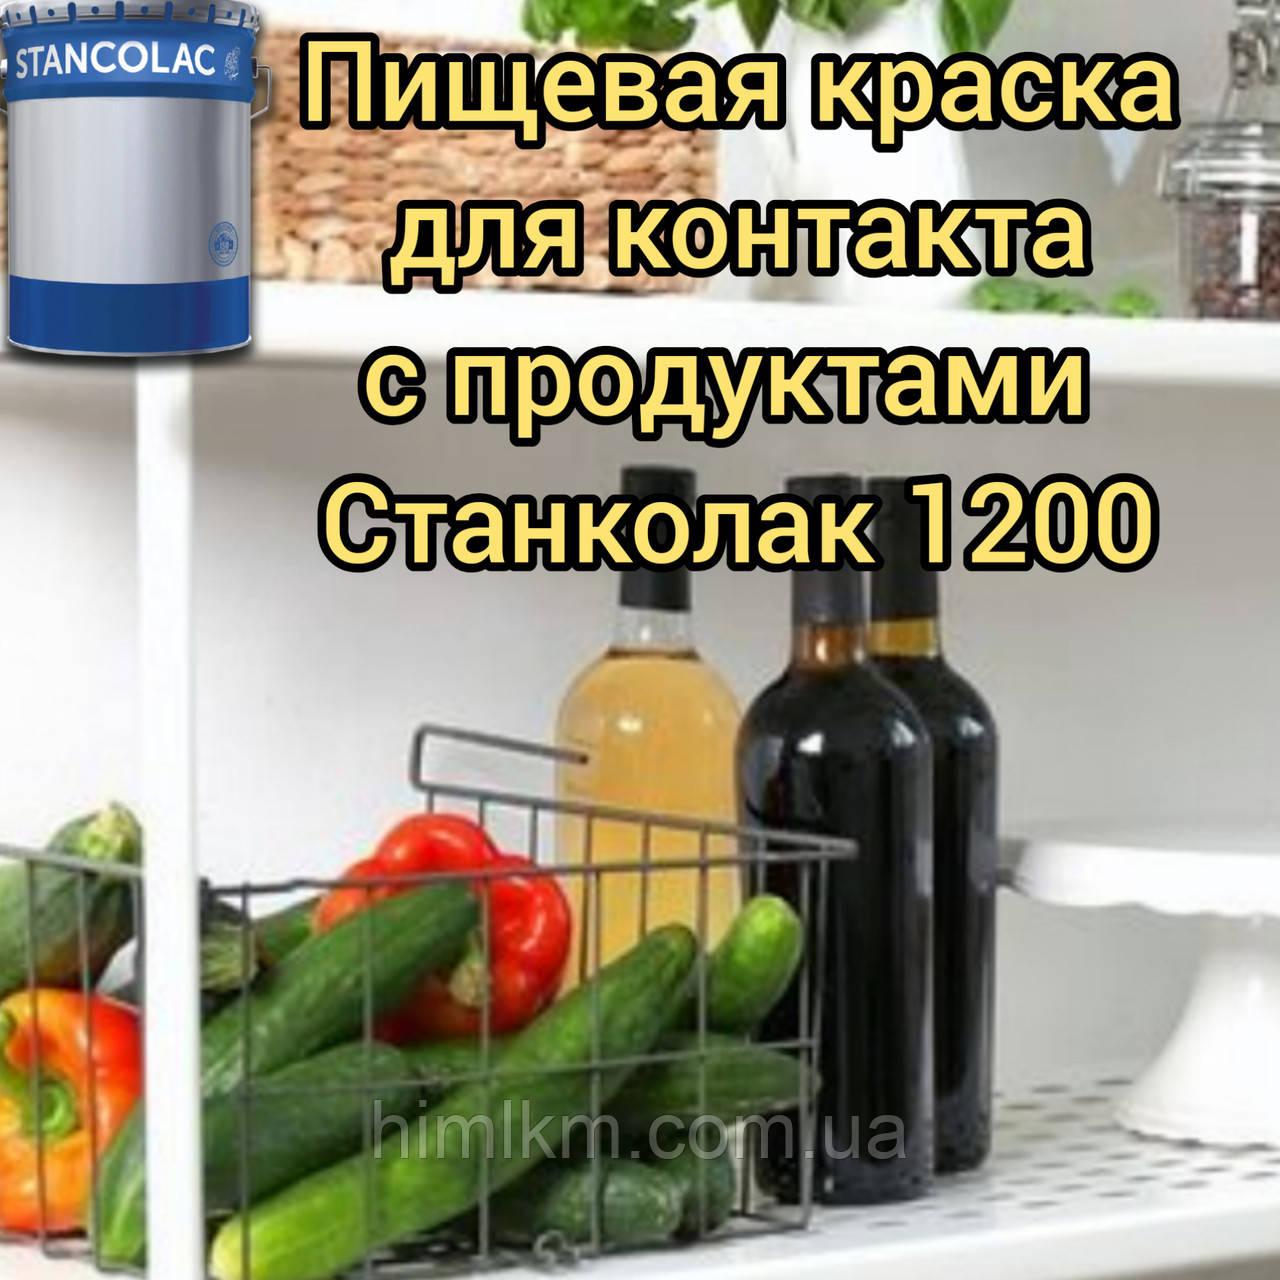 пищевая эмаль купить